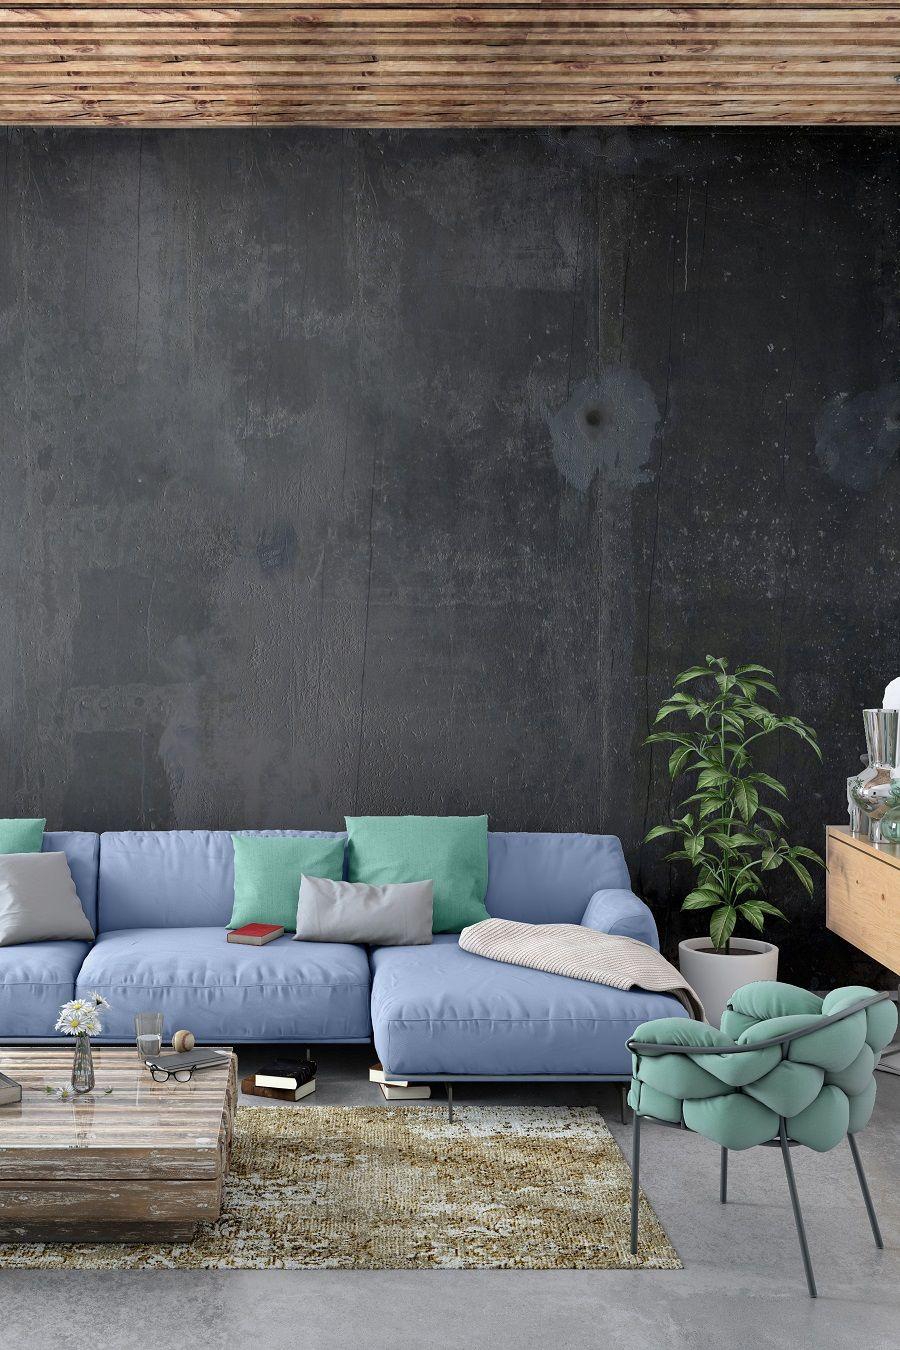 Leroymerlin Leroymerlinpolska Dlabohaterowdomu Domoweinspiracje Salon Sciana Farba Betonnascianie Home Decor Outdoor Decor Furniture